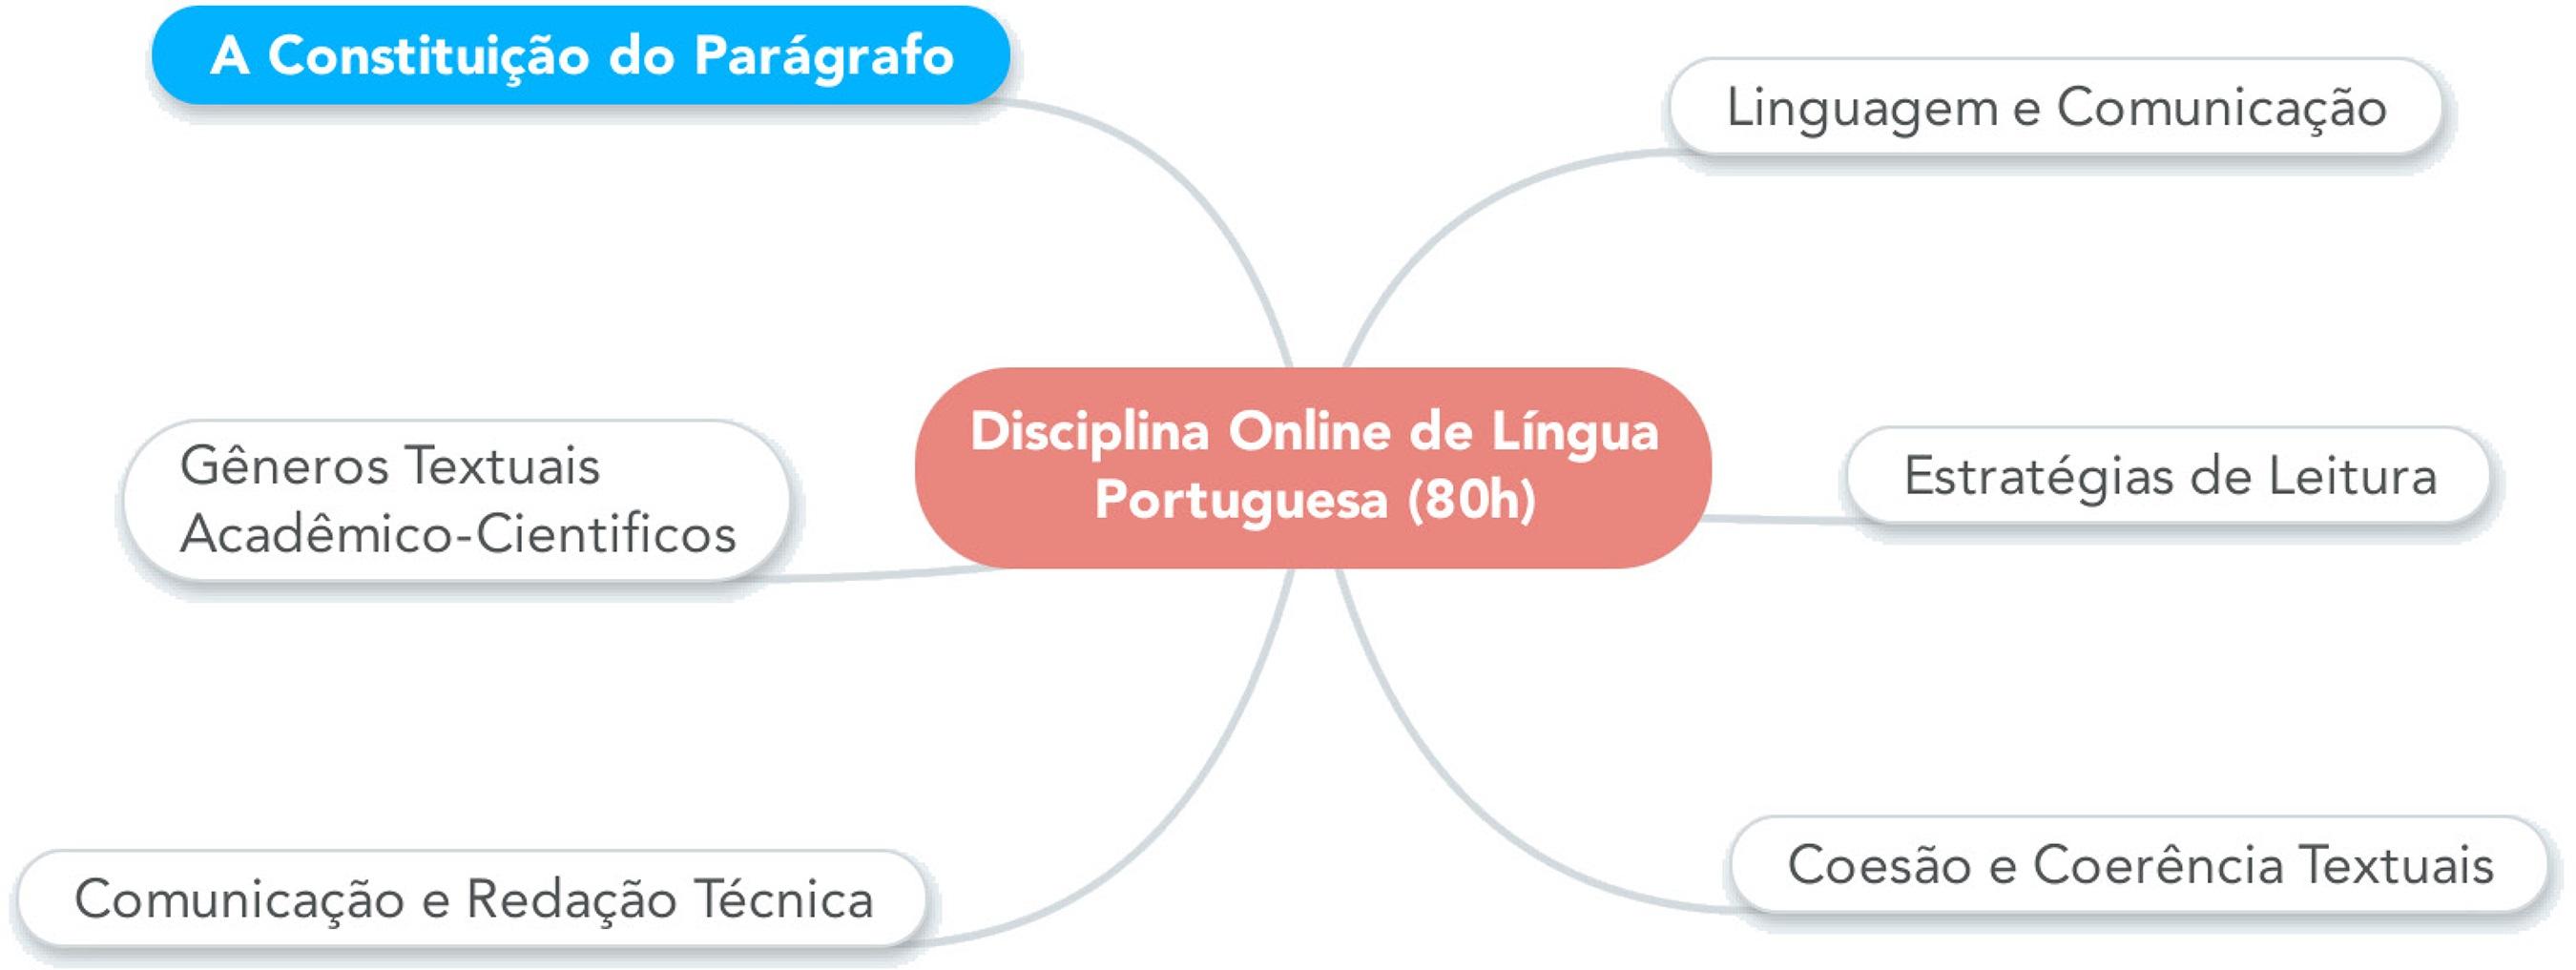 Organização da disciplina de Língua Portuguesa online.